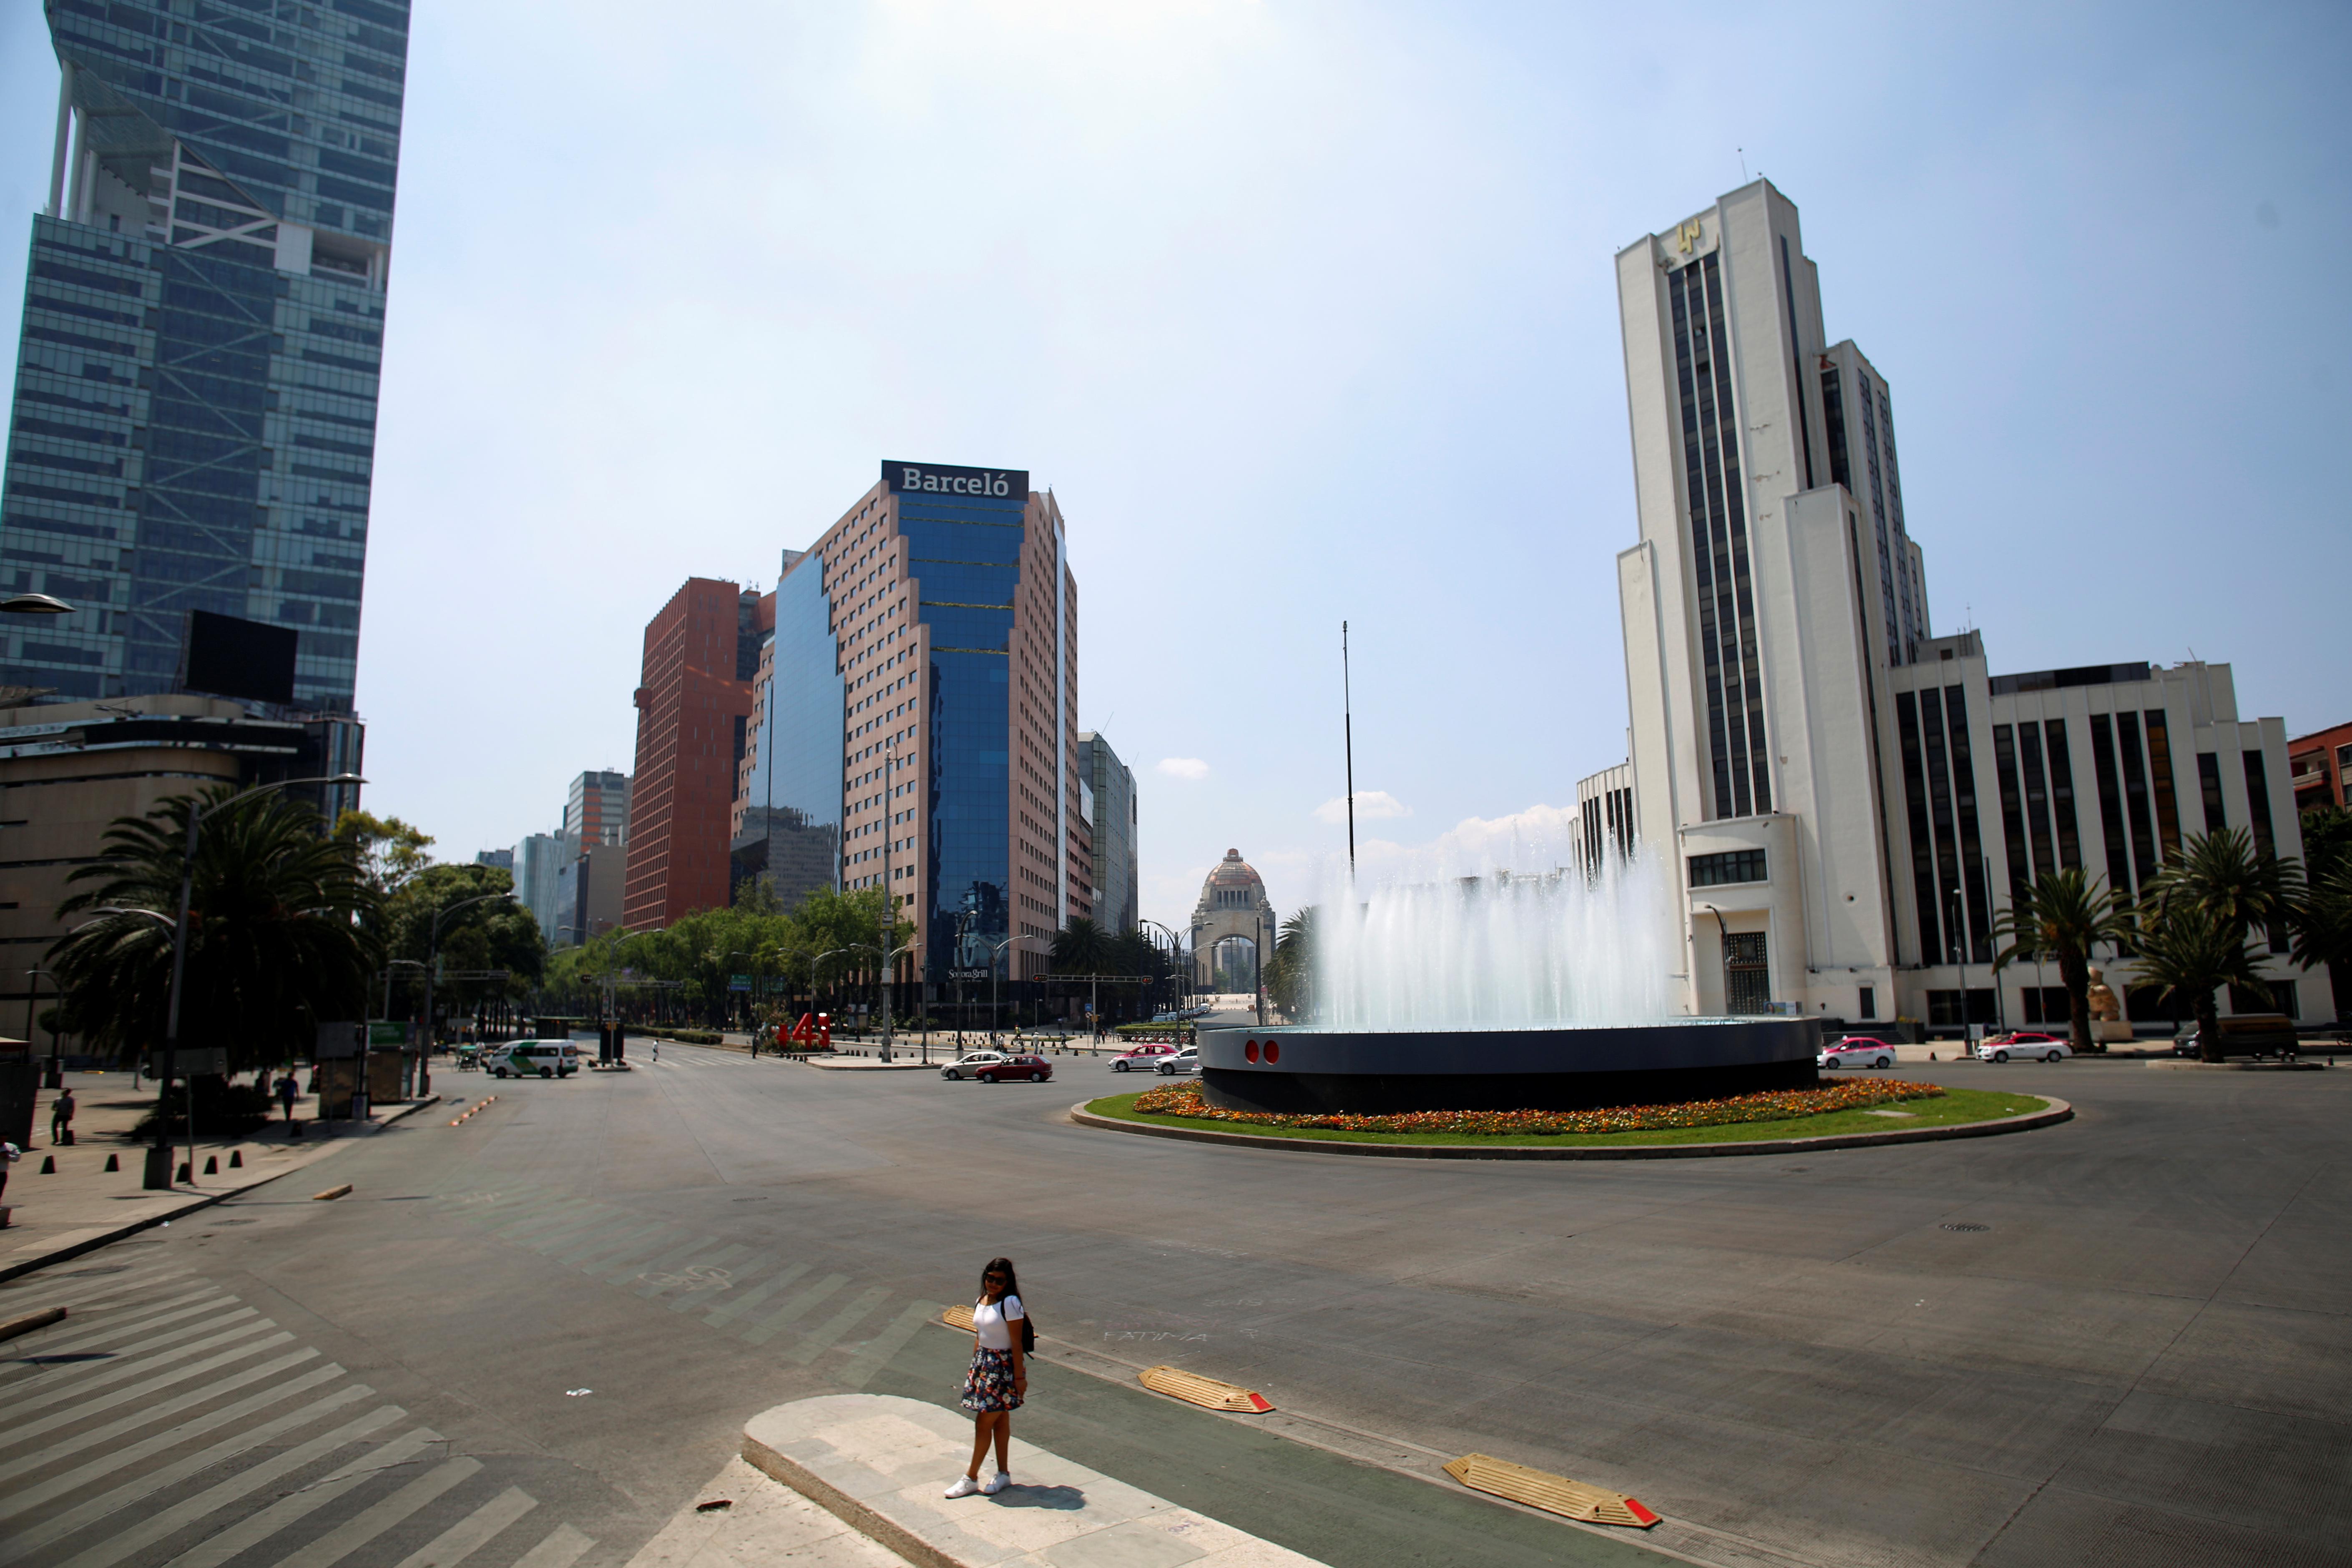 Se ve a una mujer en la calle mientras continúa el brote de la enfermedad por coronavirus (COVID-19), en la Ciudad de México, México, 22 de marzo de 2020.